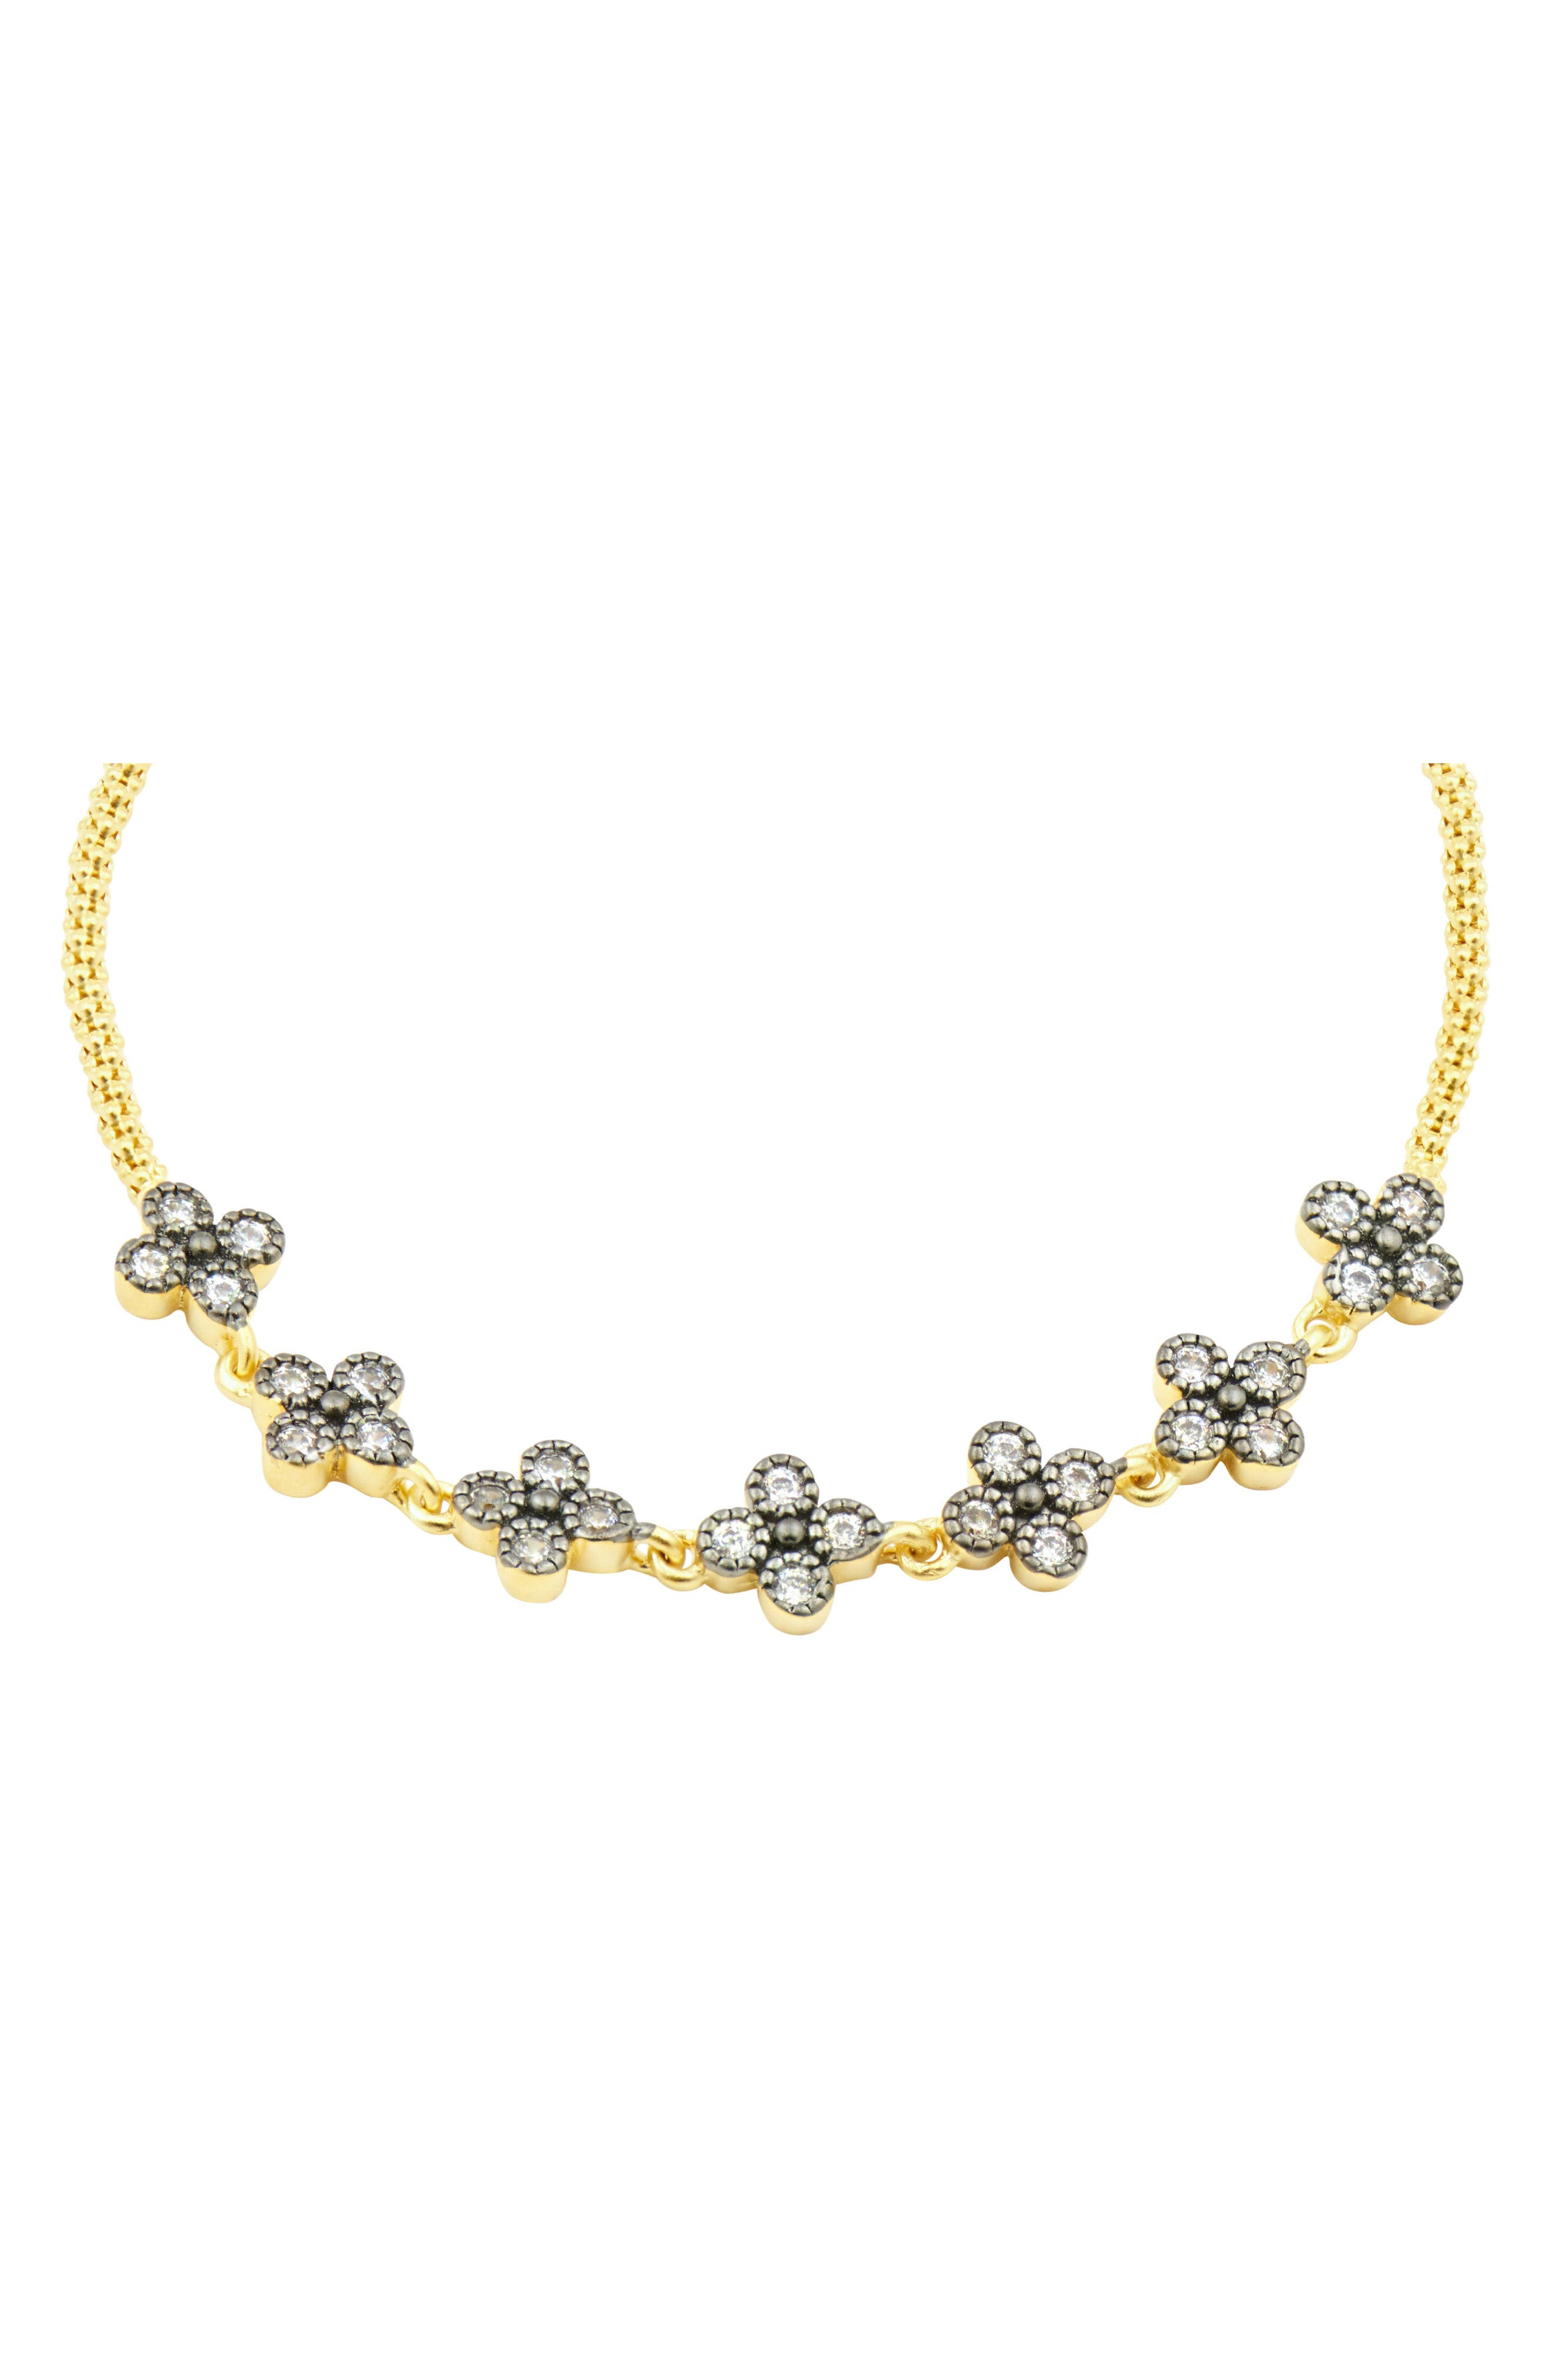 Adjustable Clover Bracelet,                             Alternate thumbnail 2, color,                             GOLD/ SILVER